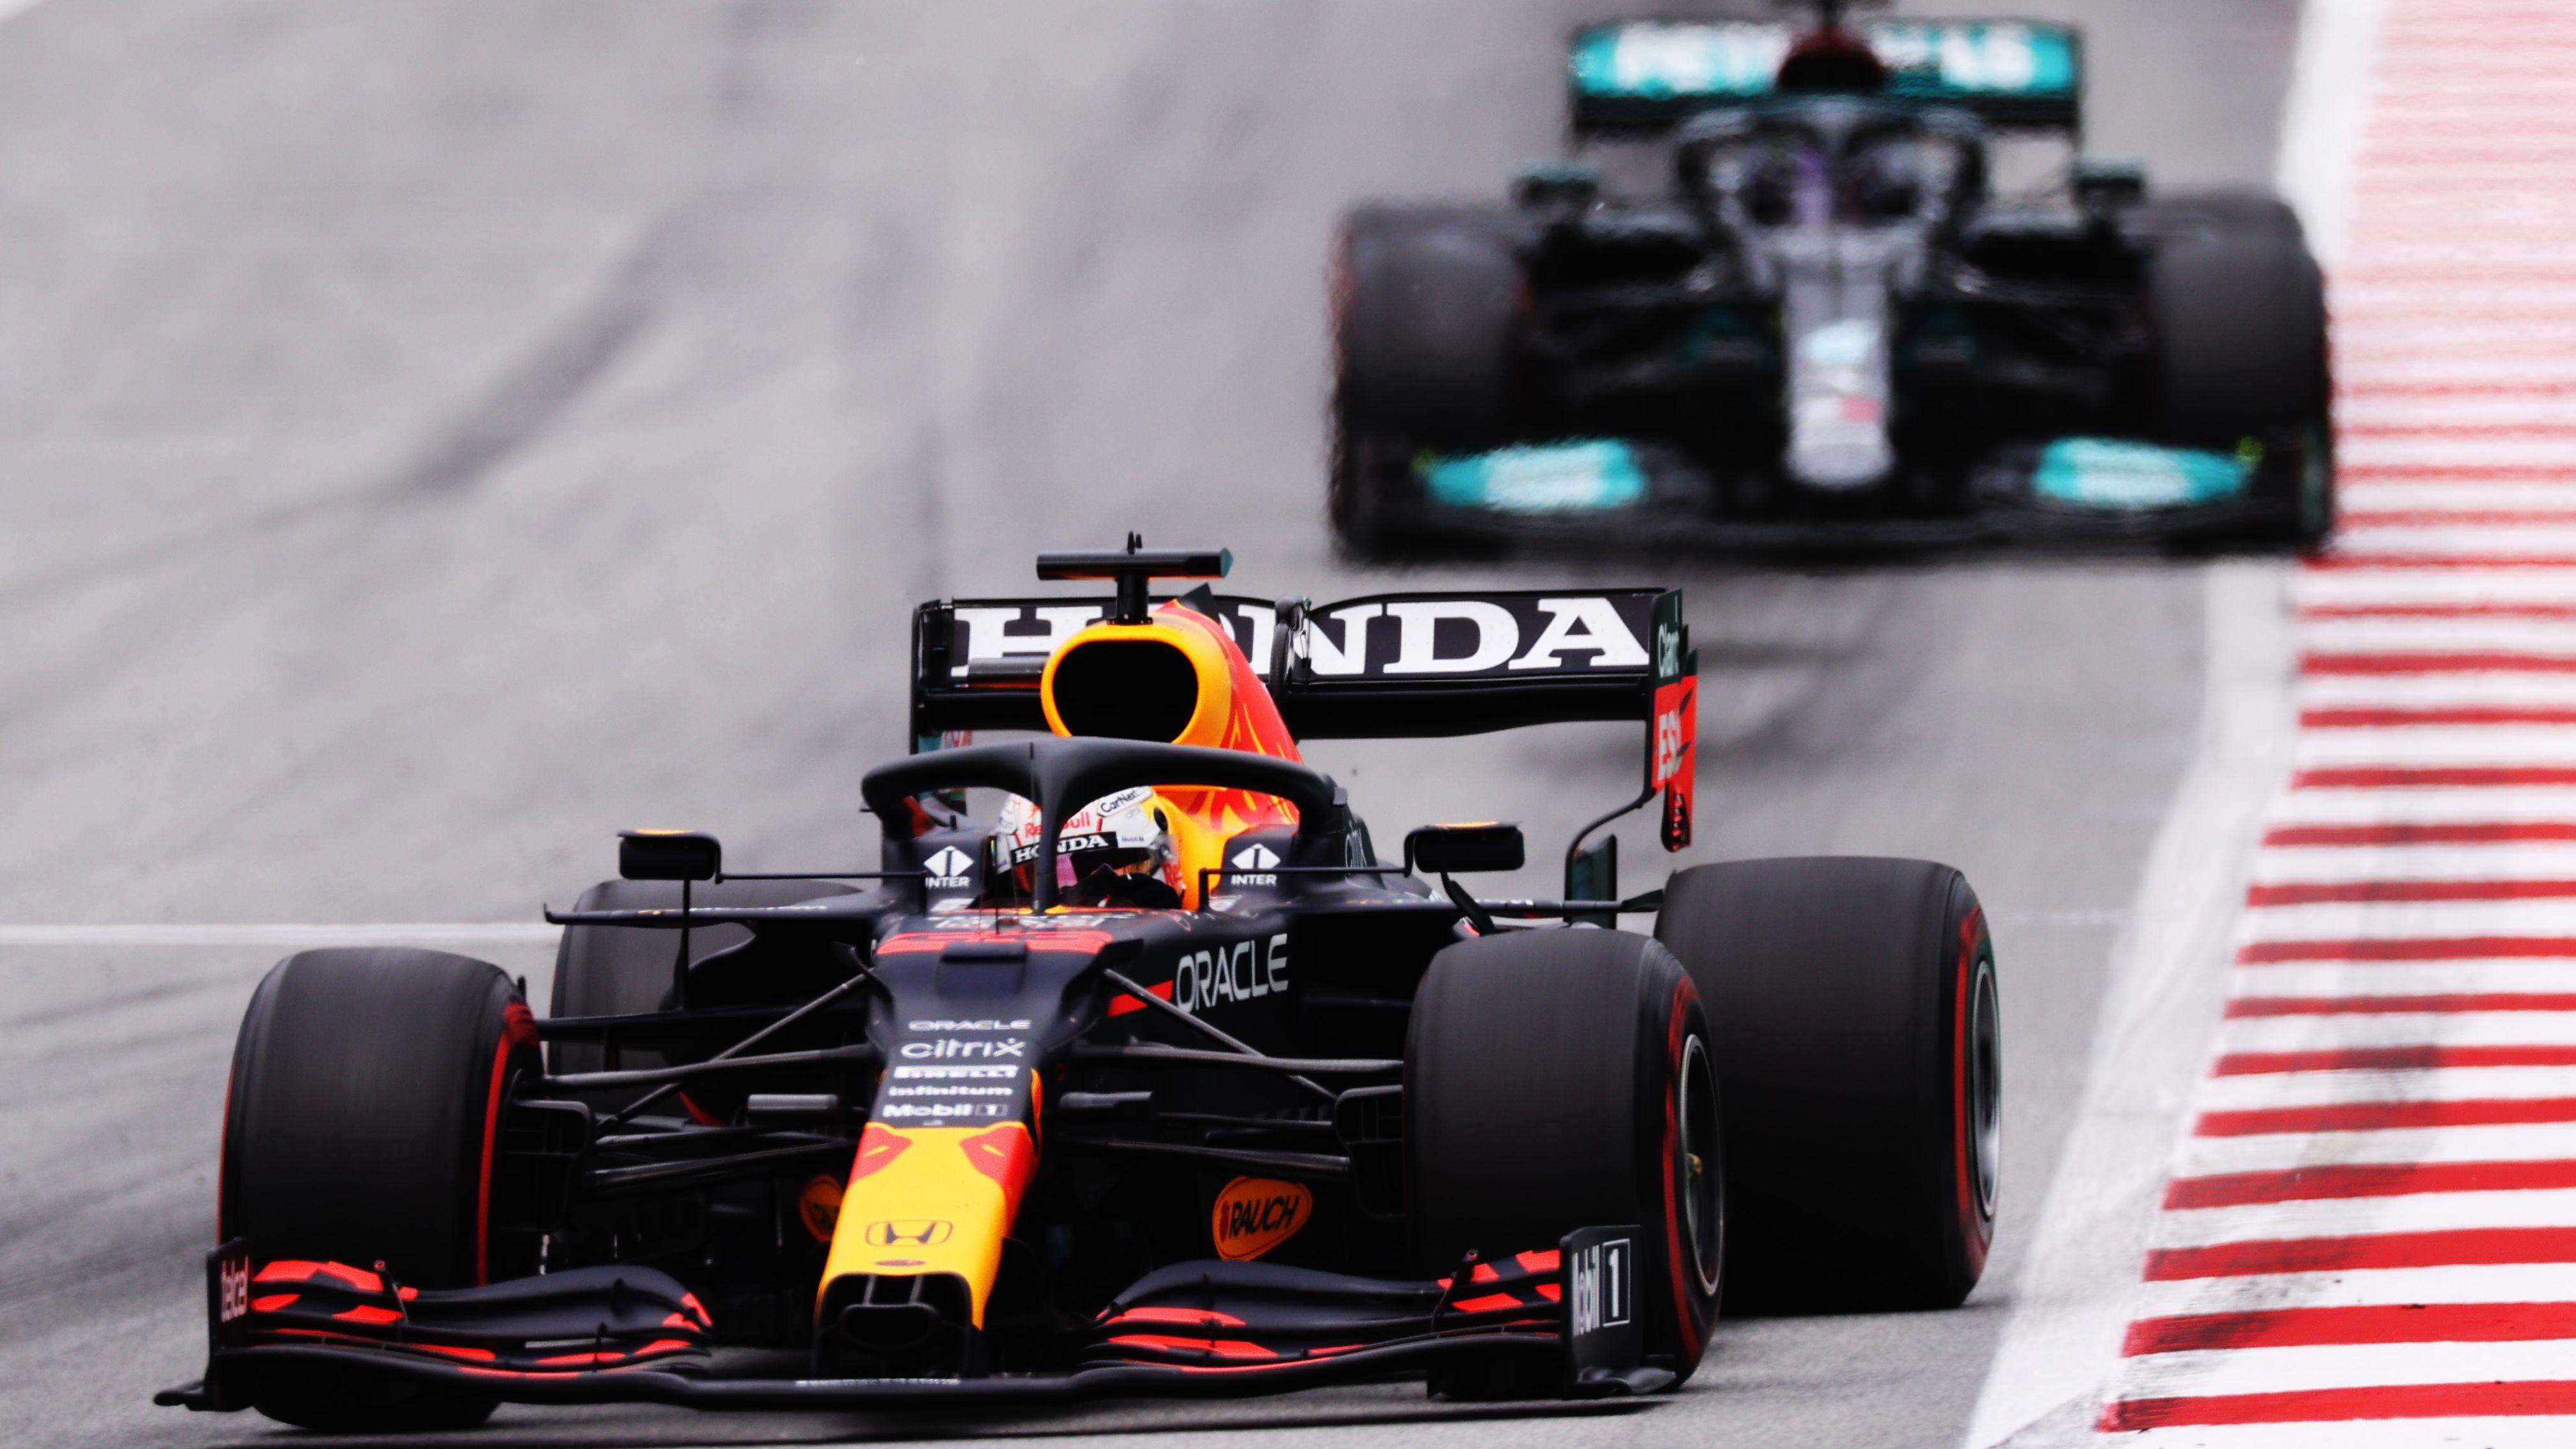 Race that will make or break F1 title battle